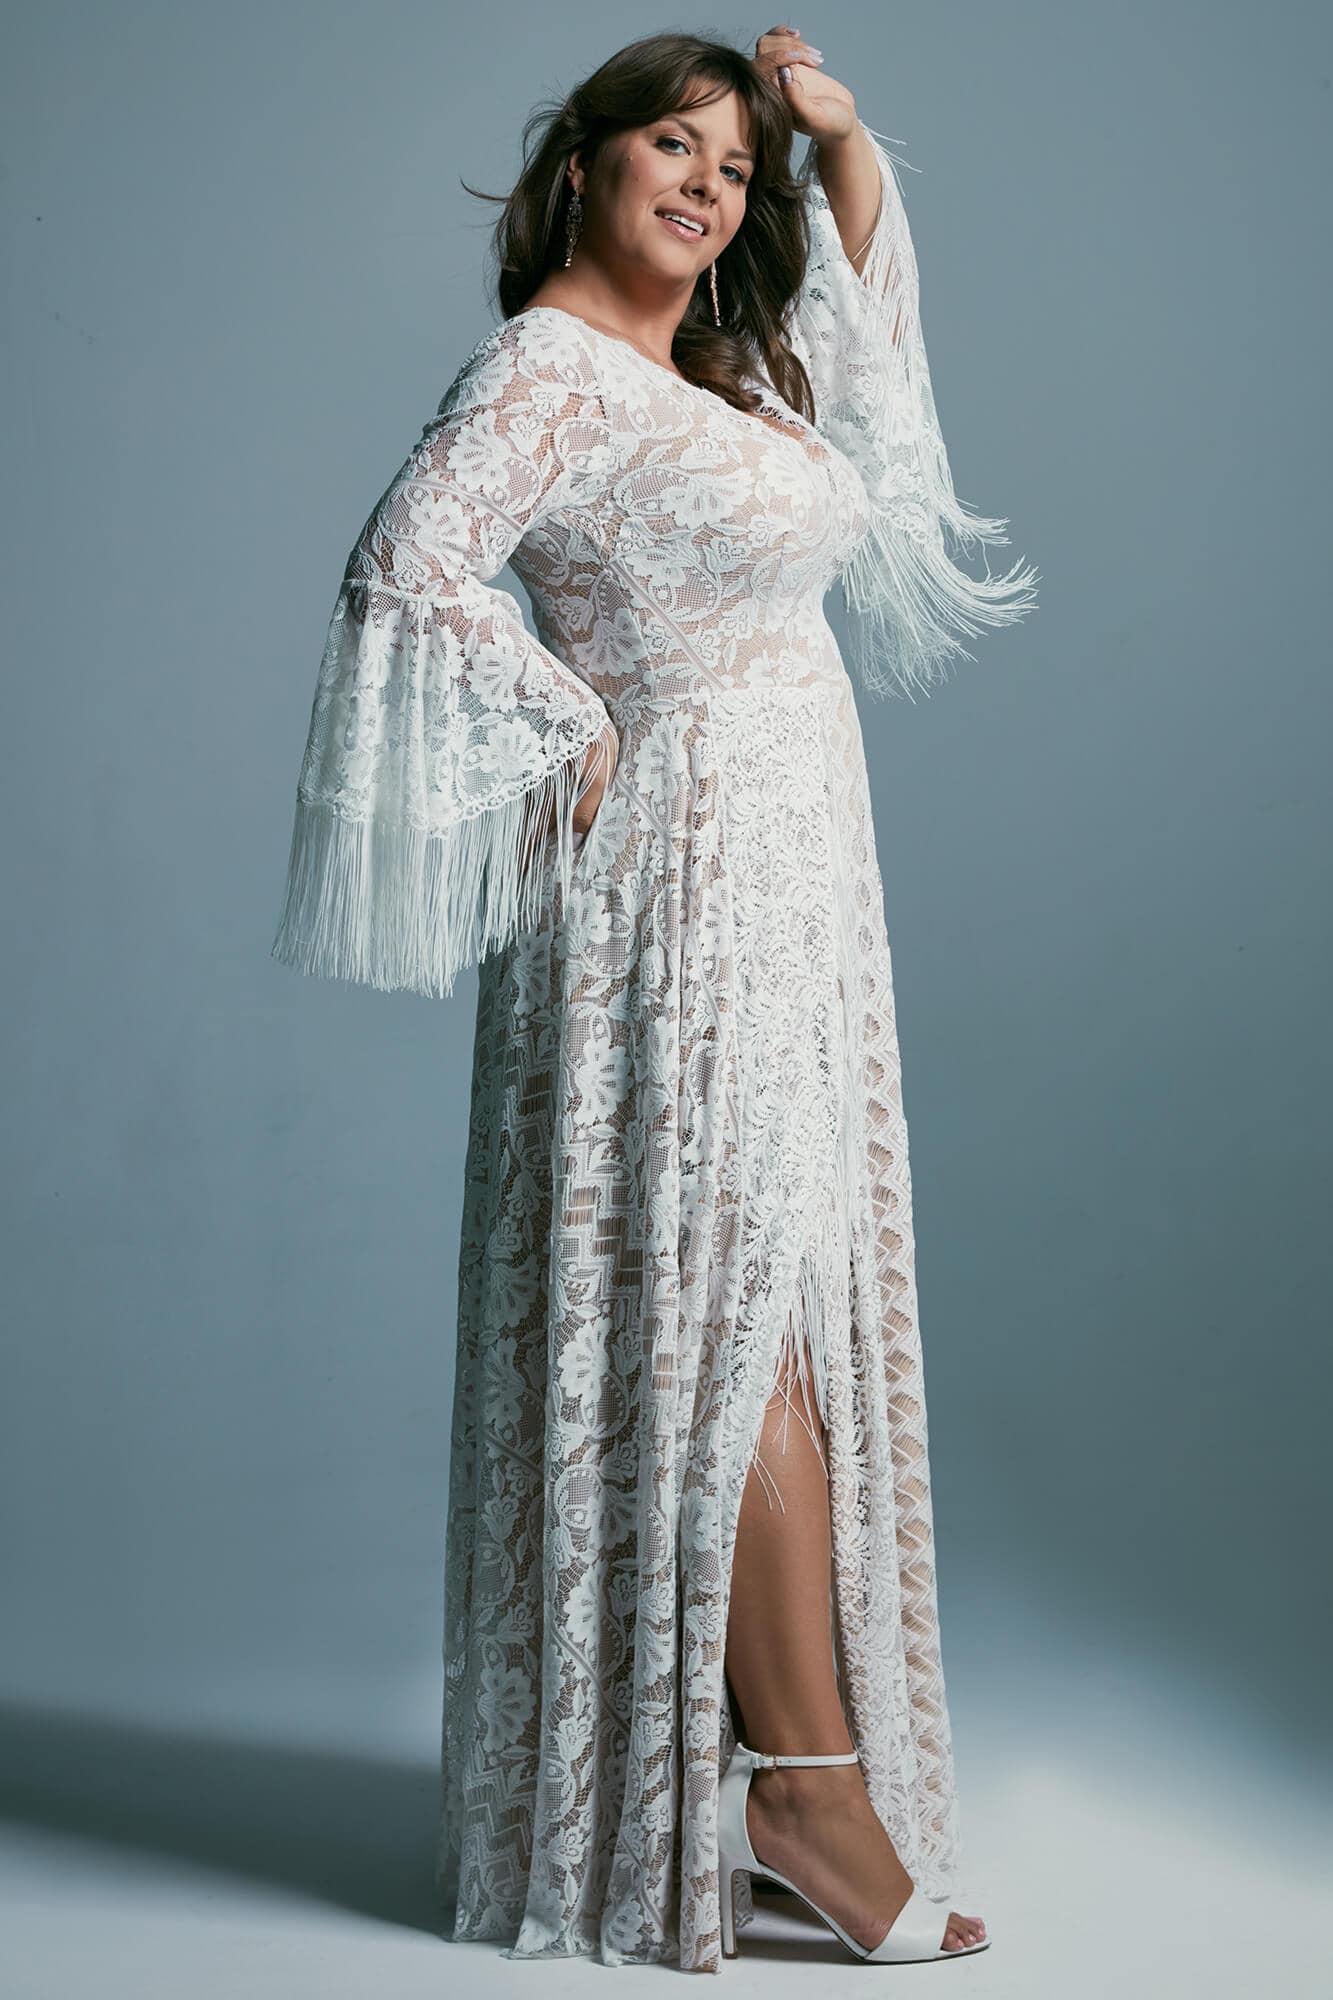 Suknia ślubna plus size z dekoltem V i seksownym rozcięciem spódnicy Porto 44 plus size